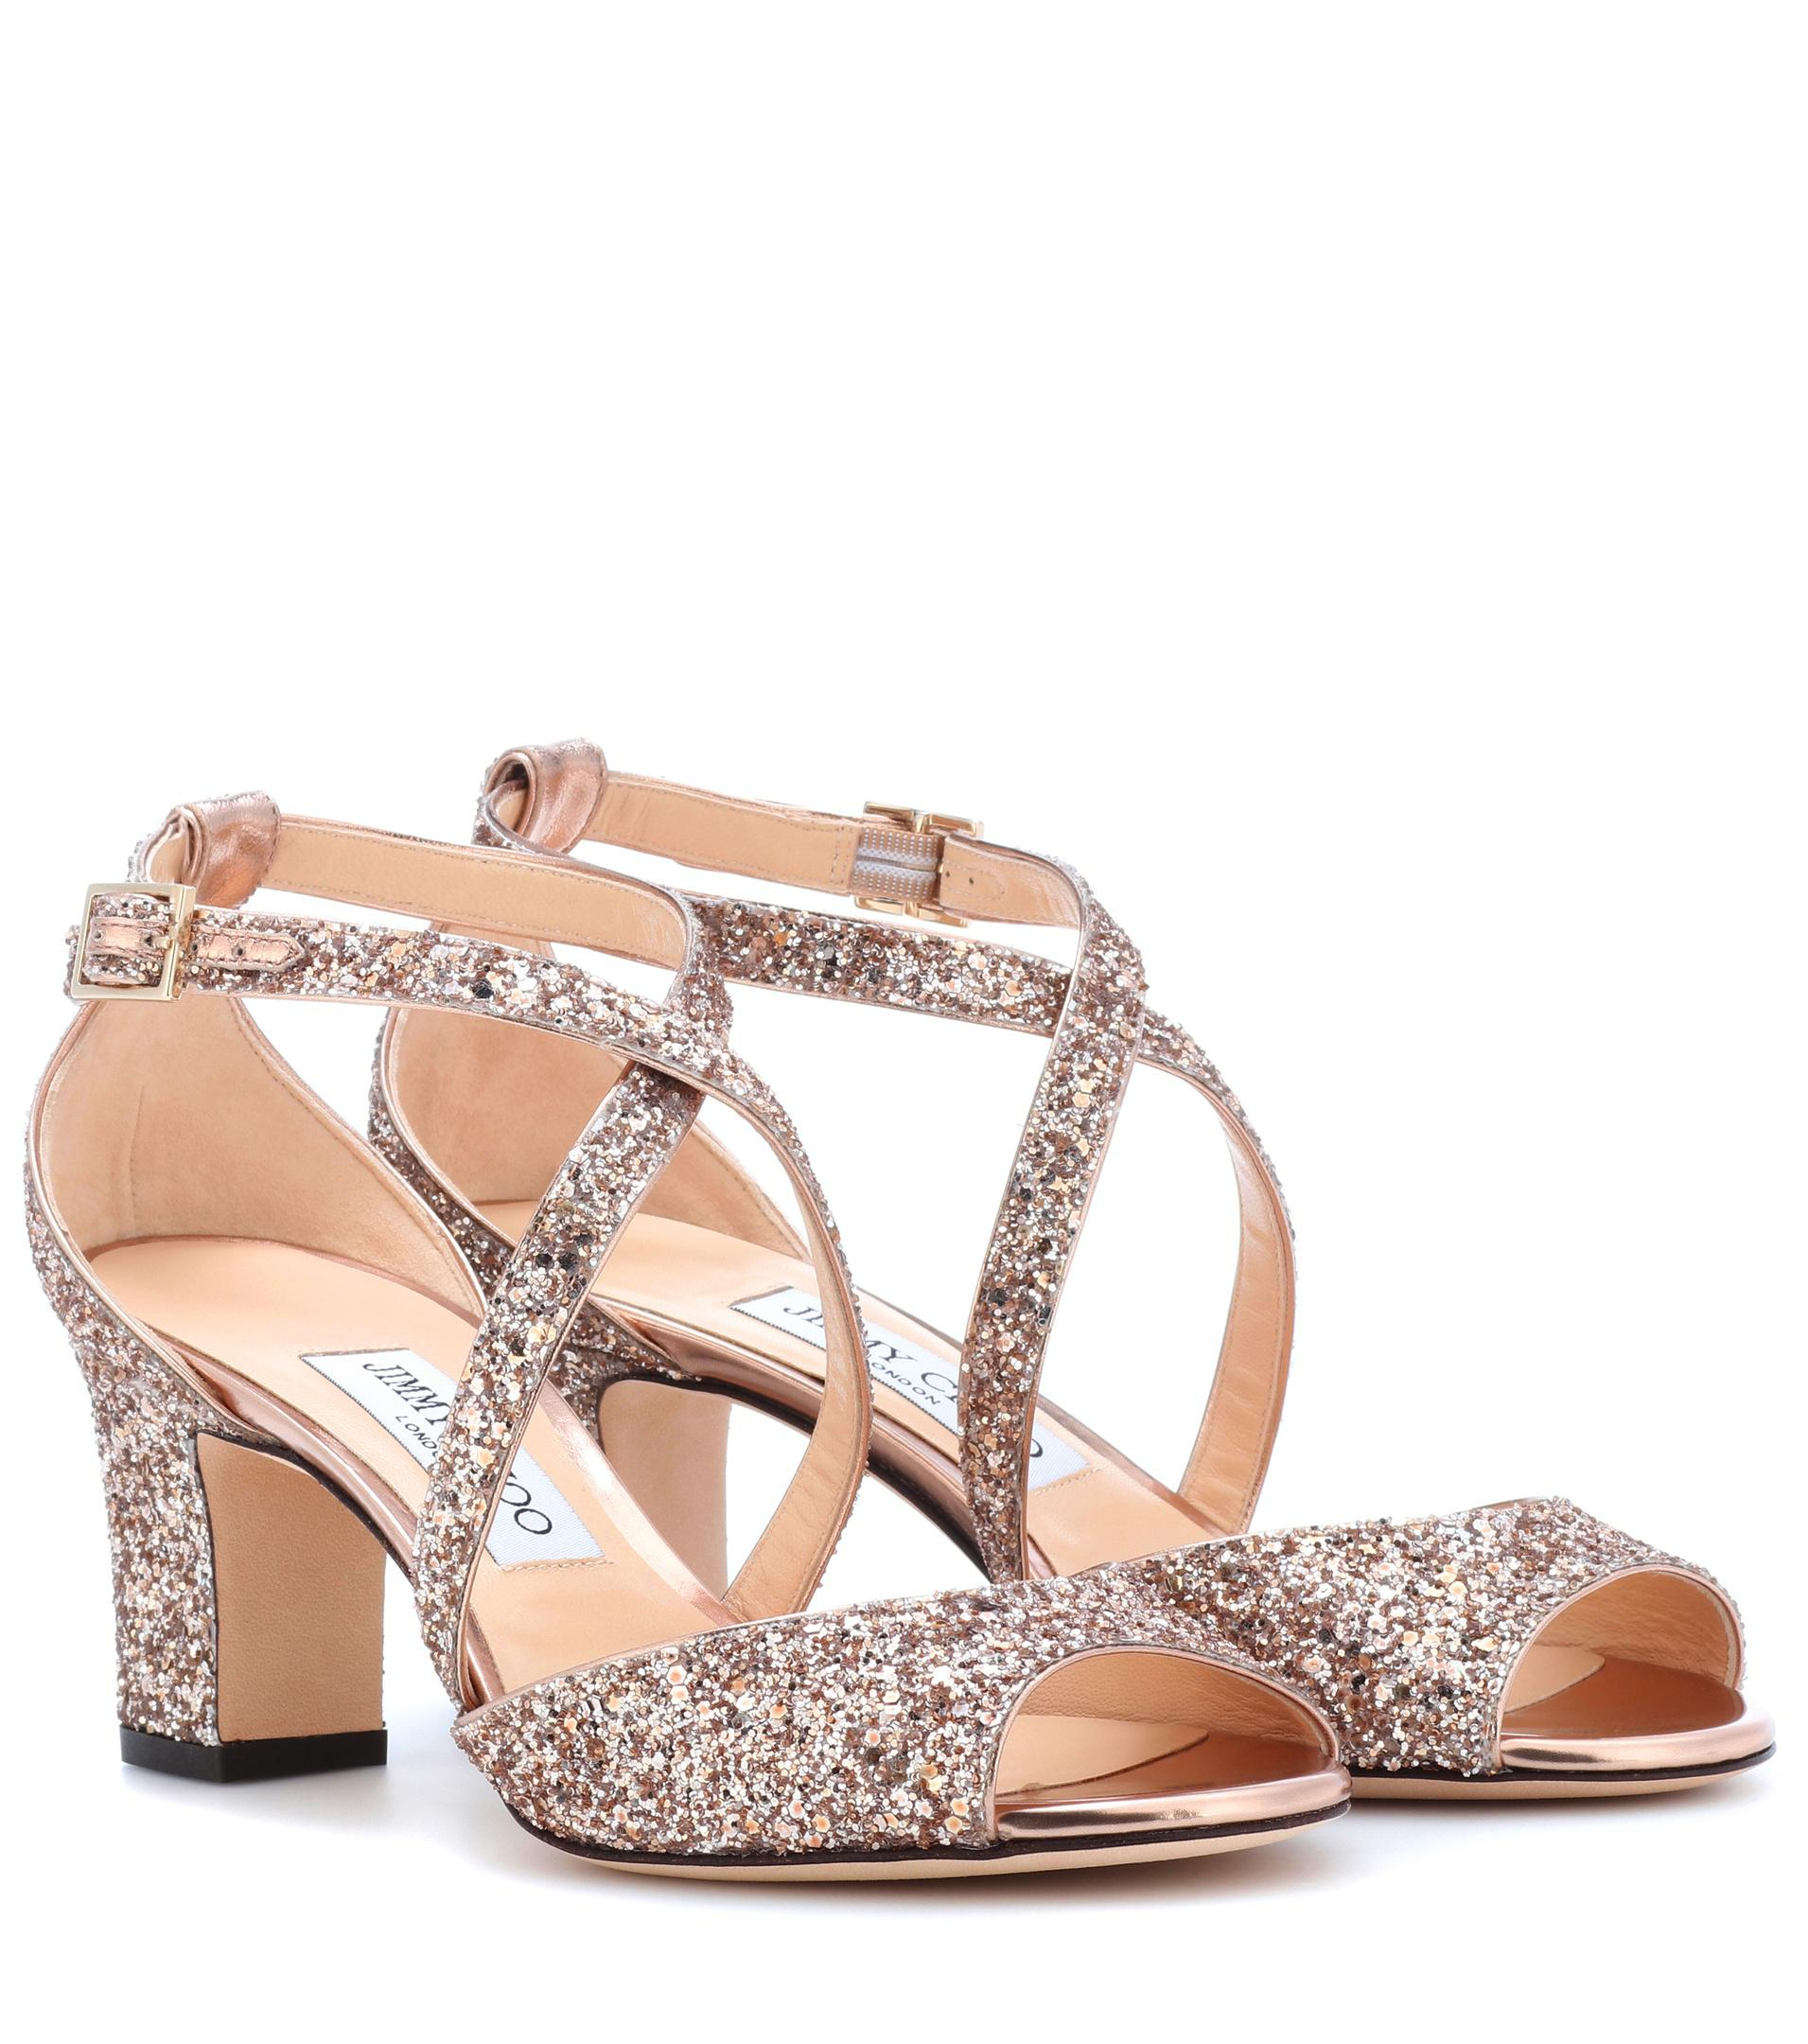 Jimmy choo Carrie 100 glitter sandals Smy16gZehJ